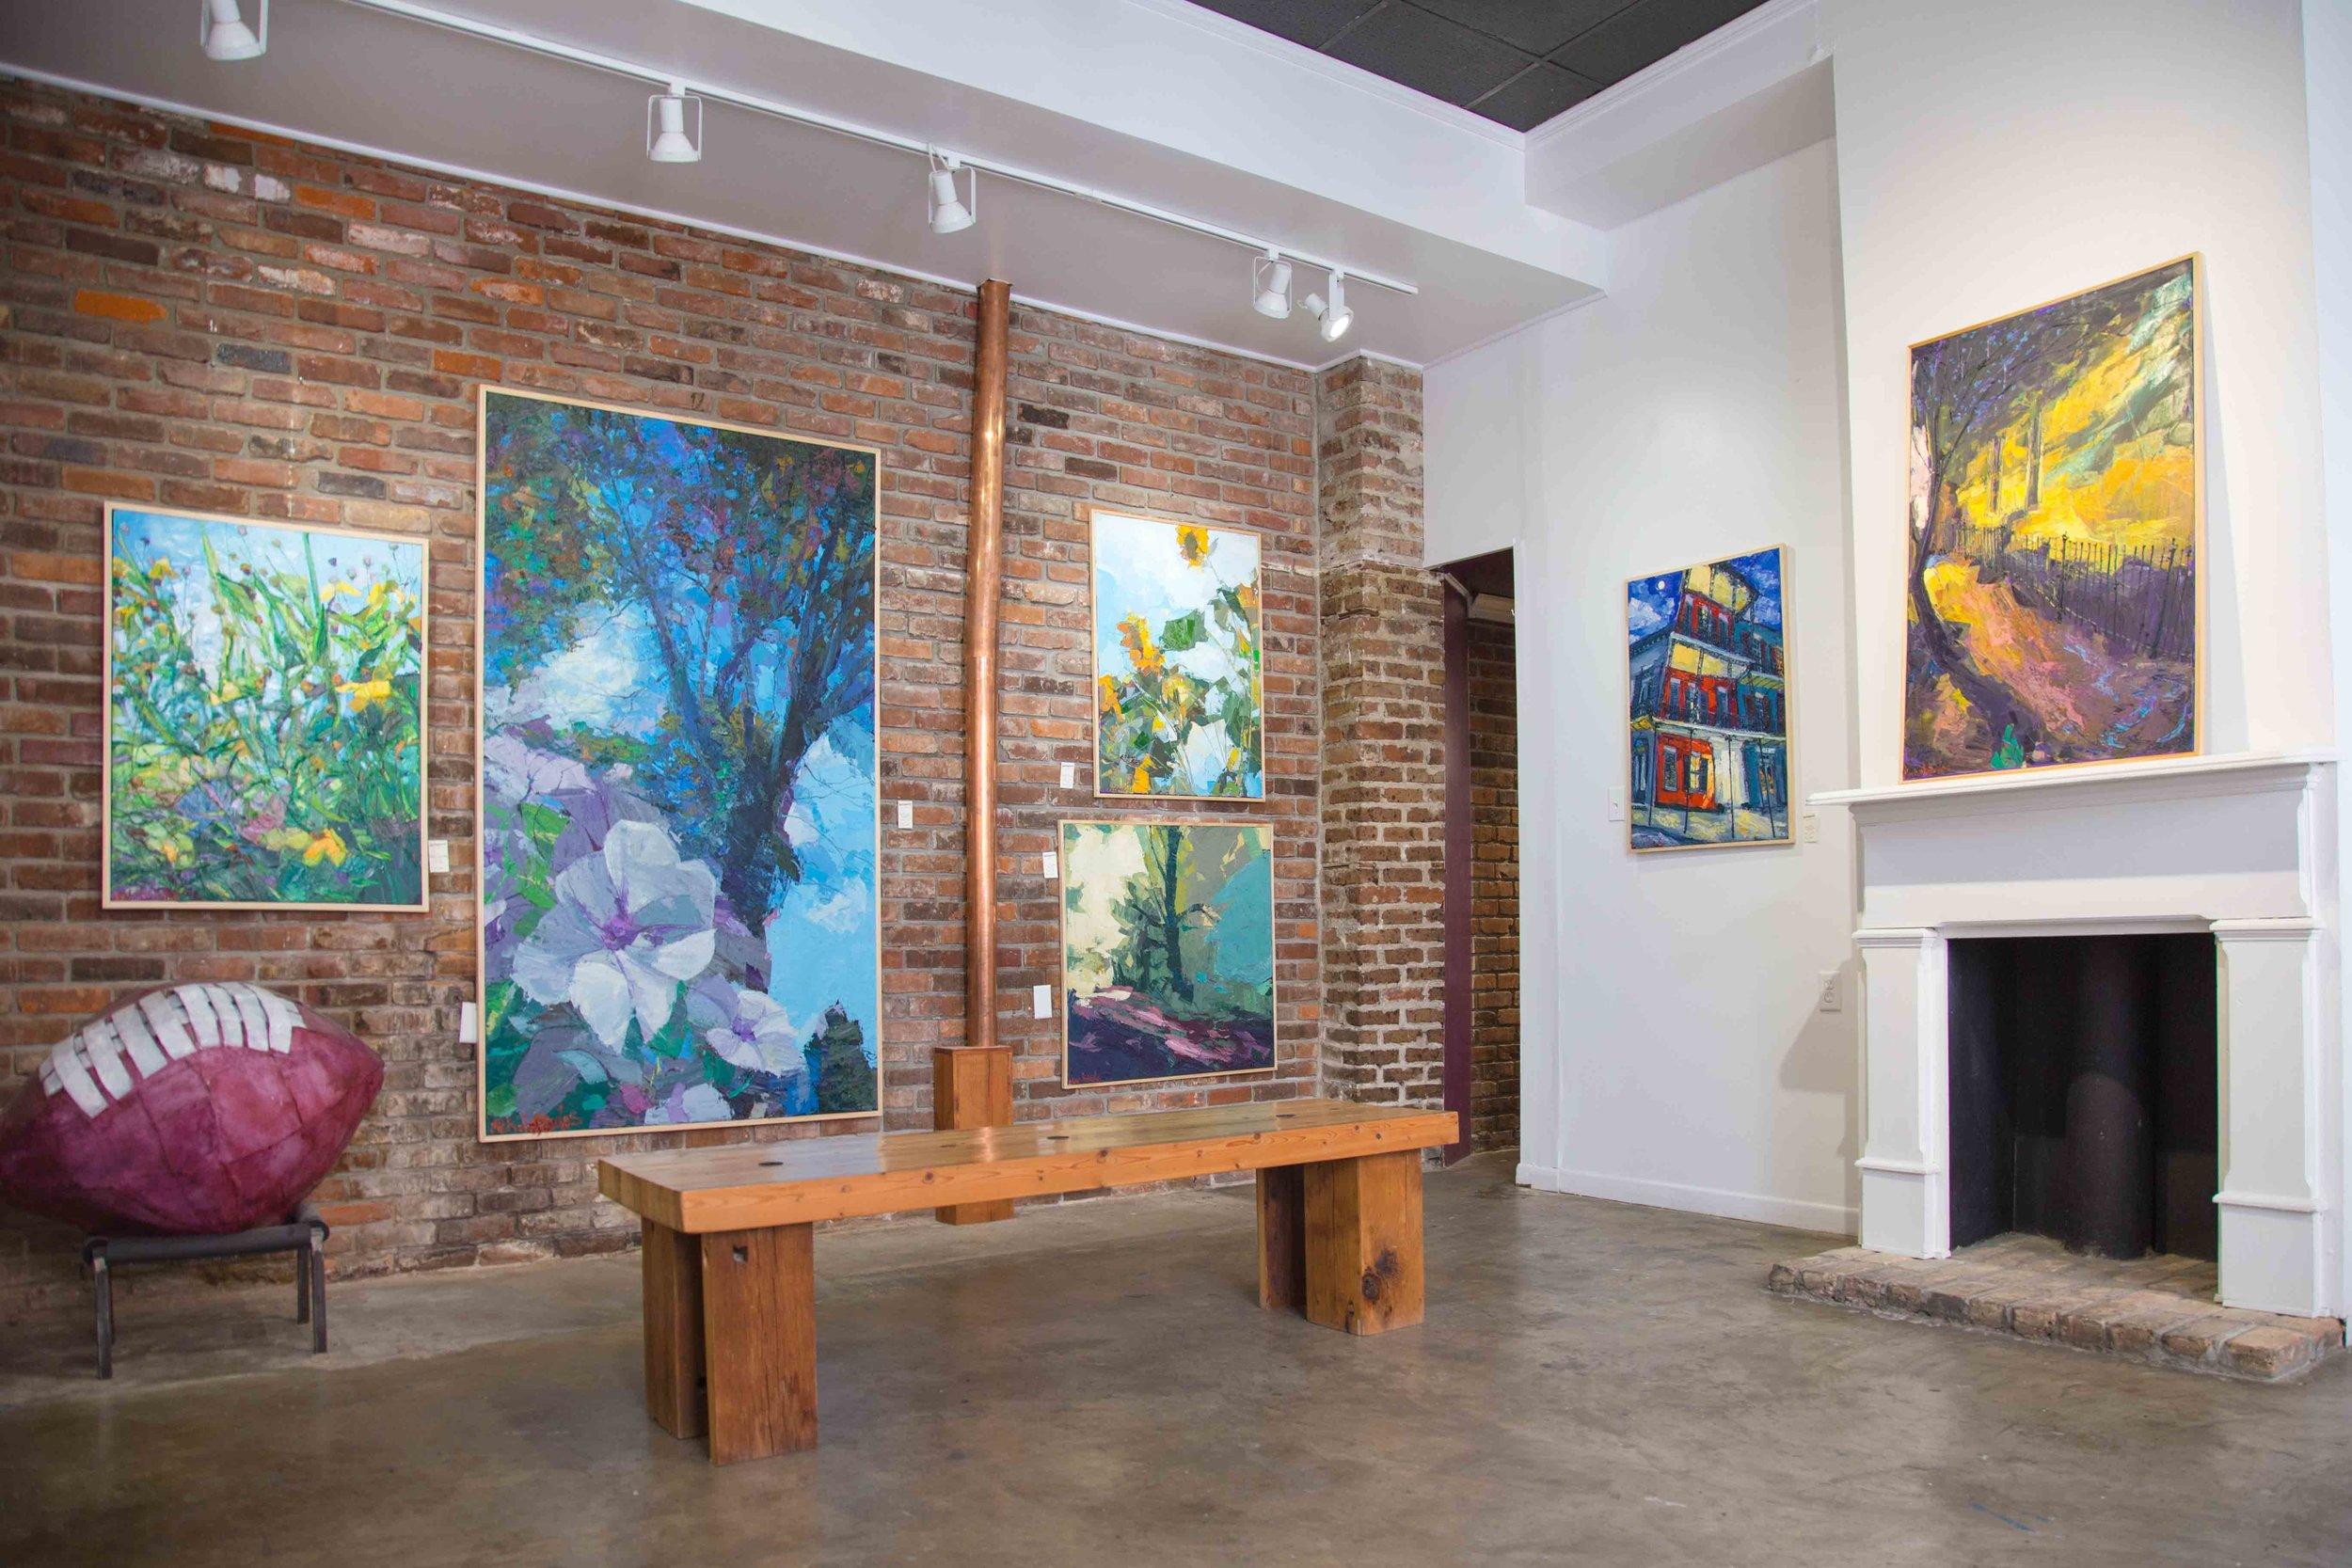 gallery-interior2.jpg